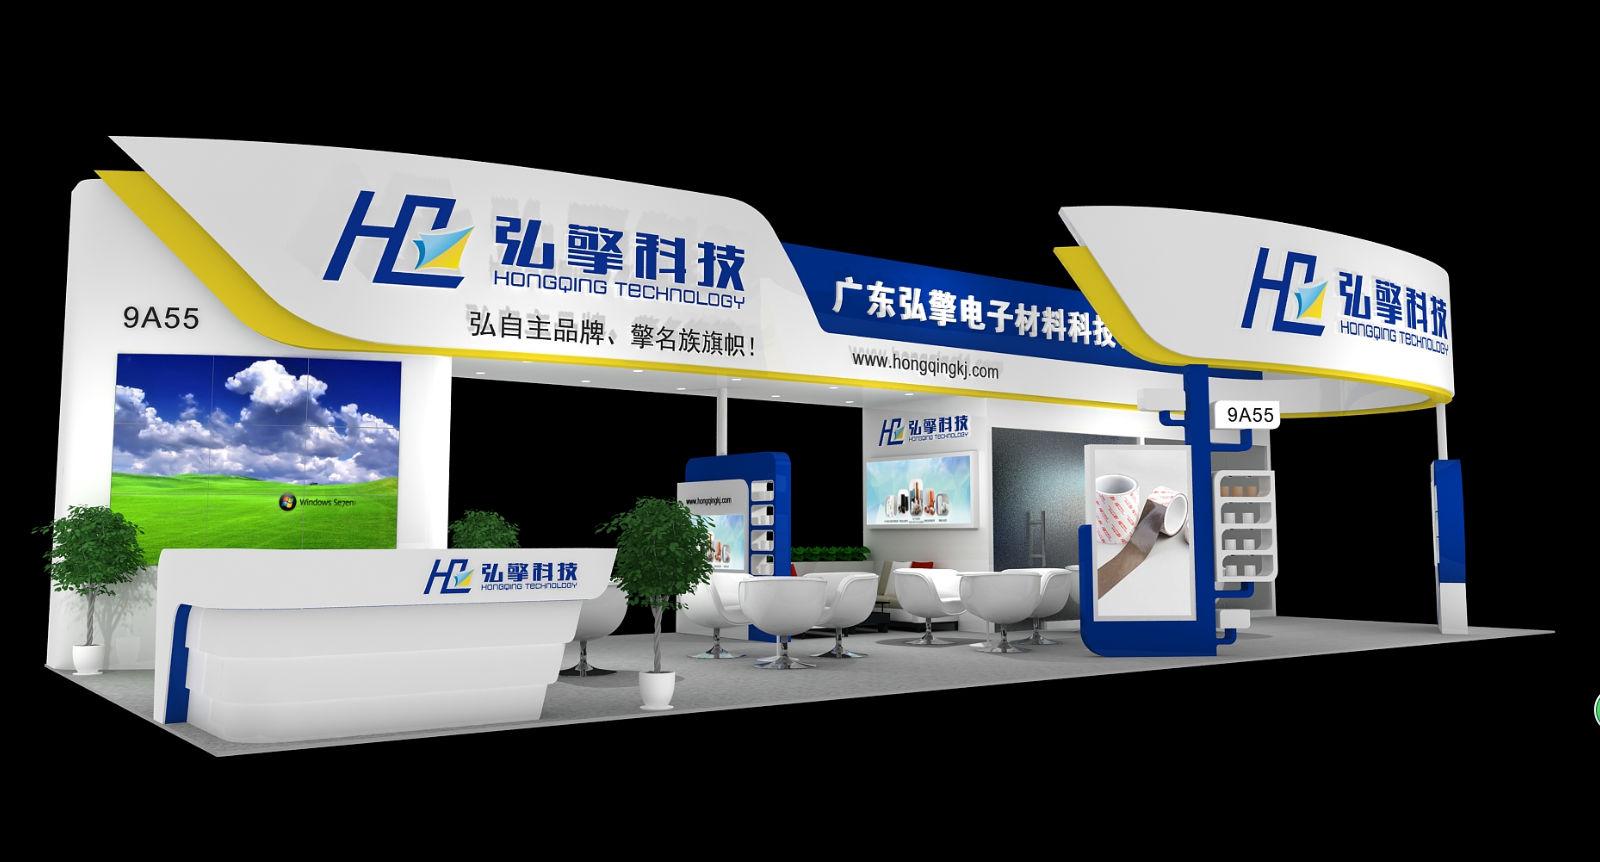 广东体育app万博下载与您相约 2017第十八届深圳国际胶粘带、保护膜及光学膜展览会